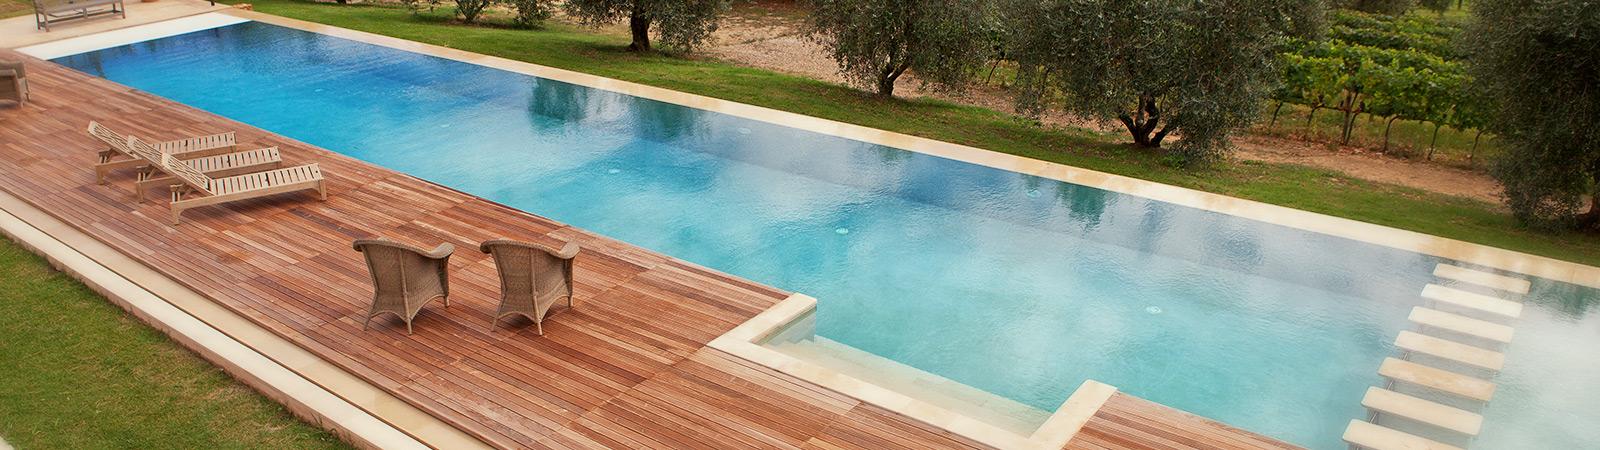 Piscine castiglione costruzione piscine interrate dal 1961 - Piscina olimpiadi ...